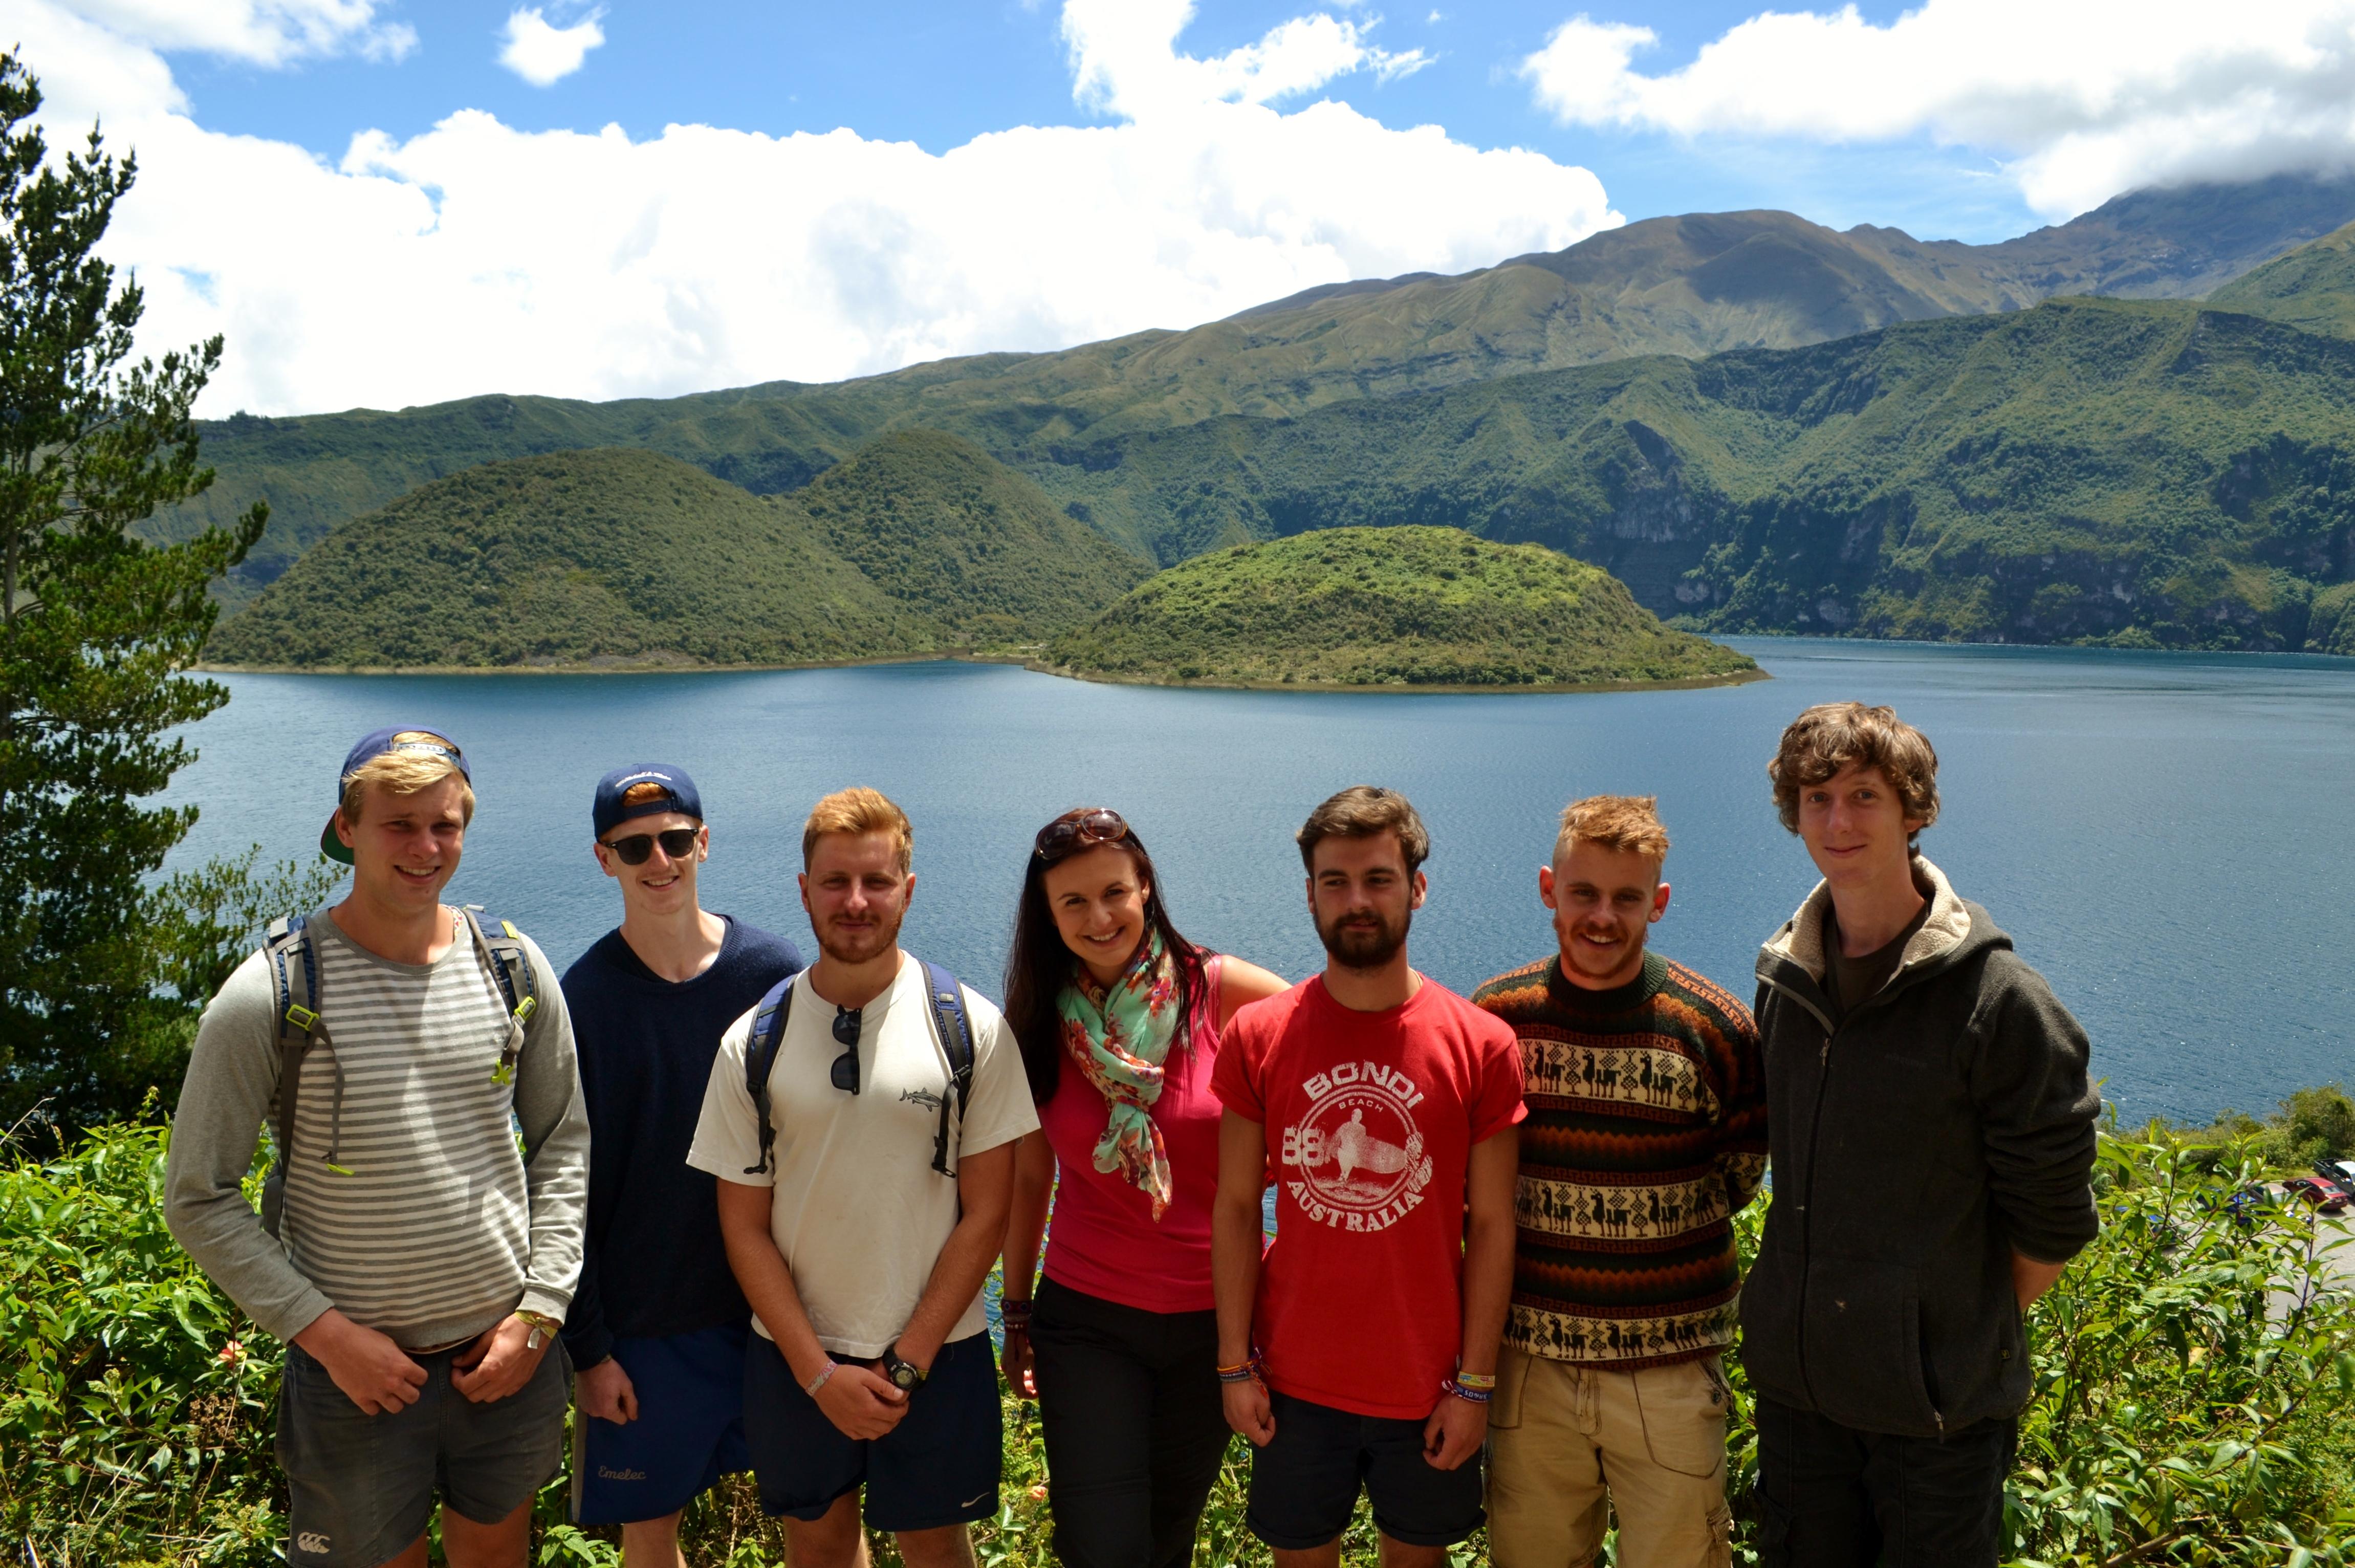 The Andes Laguna de Cuicocha